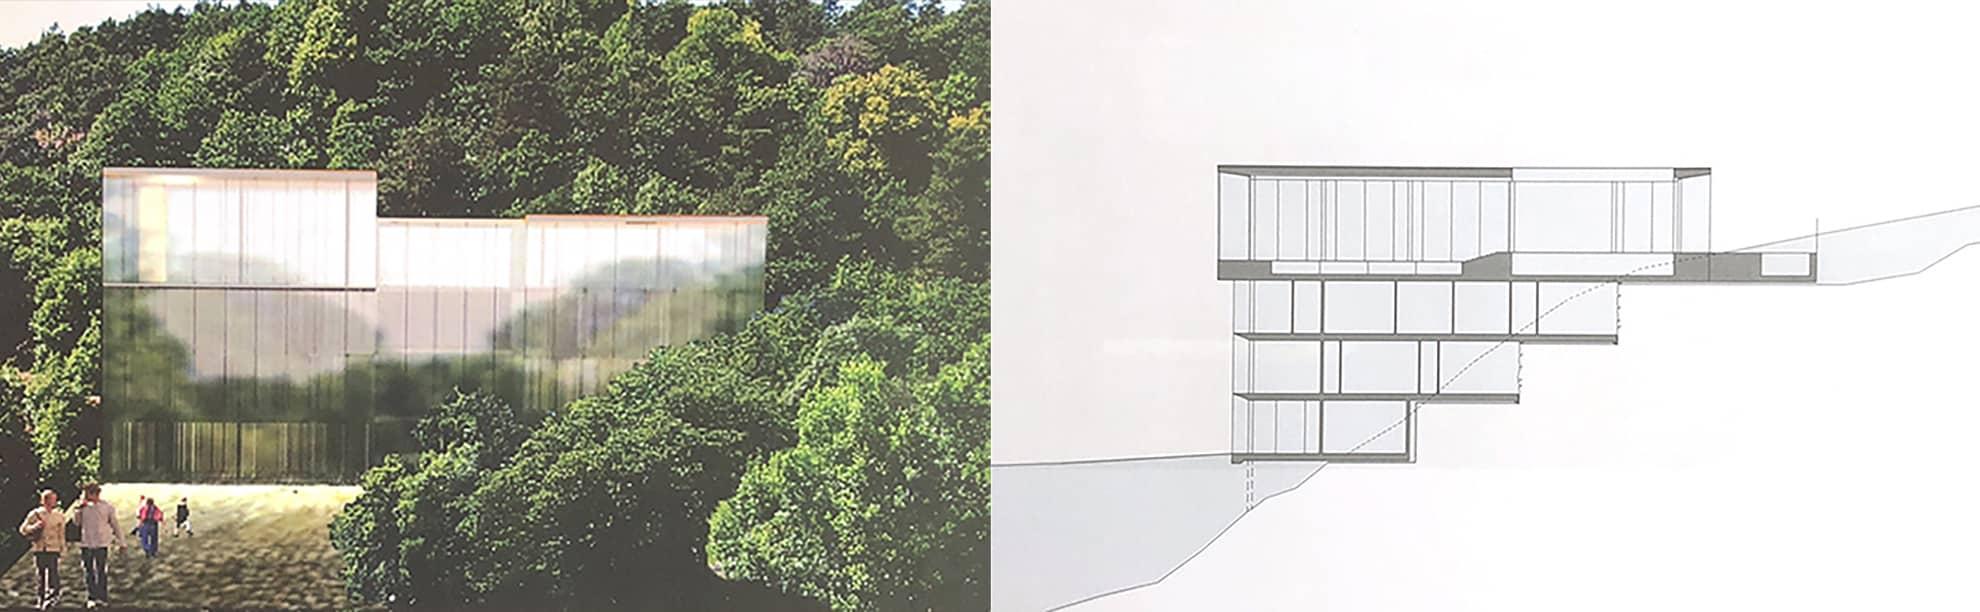 """Referensjobb """"Corpus Spiritas"""" utfört av Tidlös Arkitektur Anna Duell AB"""